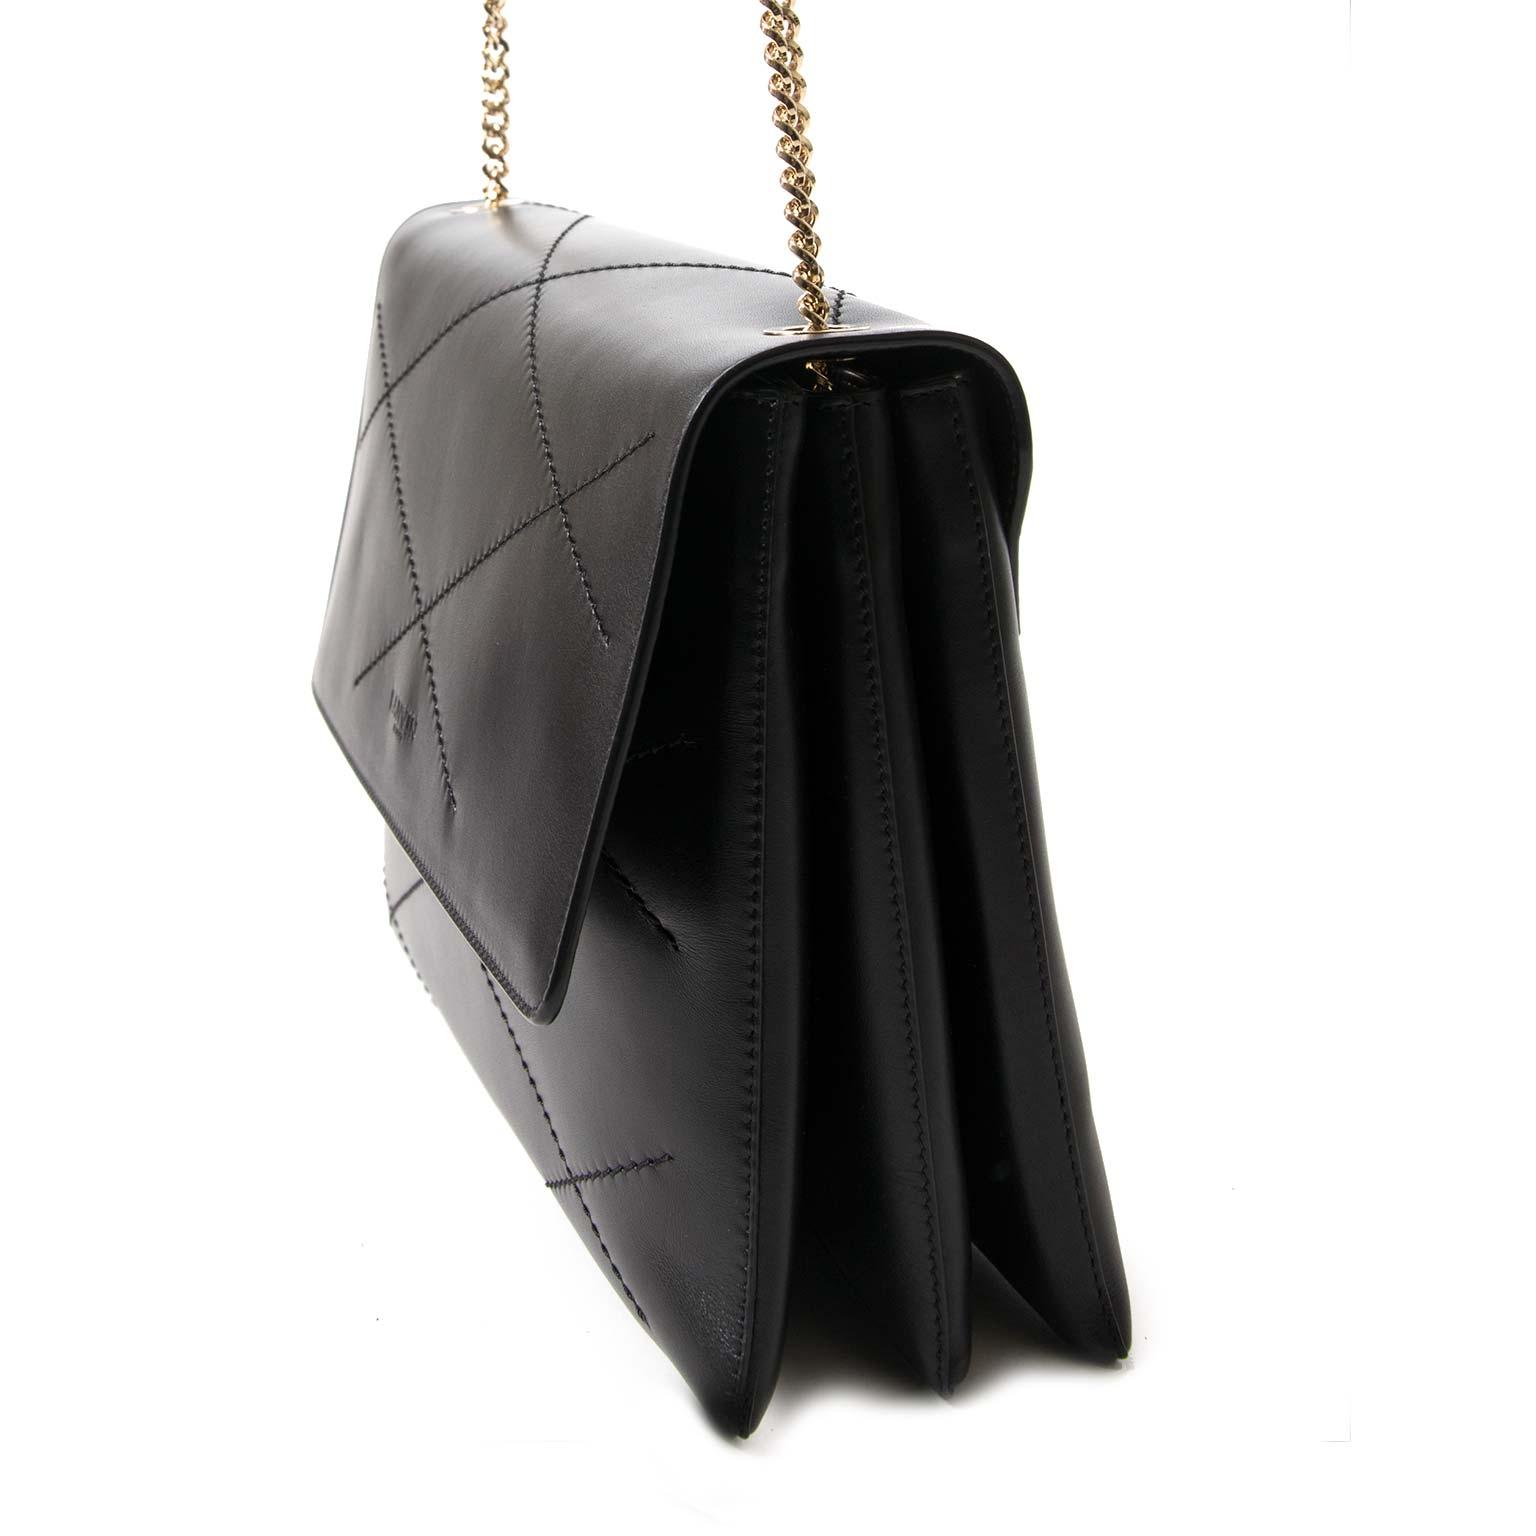 koop Lanvin Black leather Sugar Shoulderbag en betaal veilig online